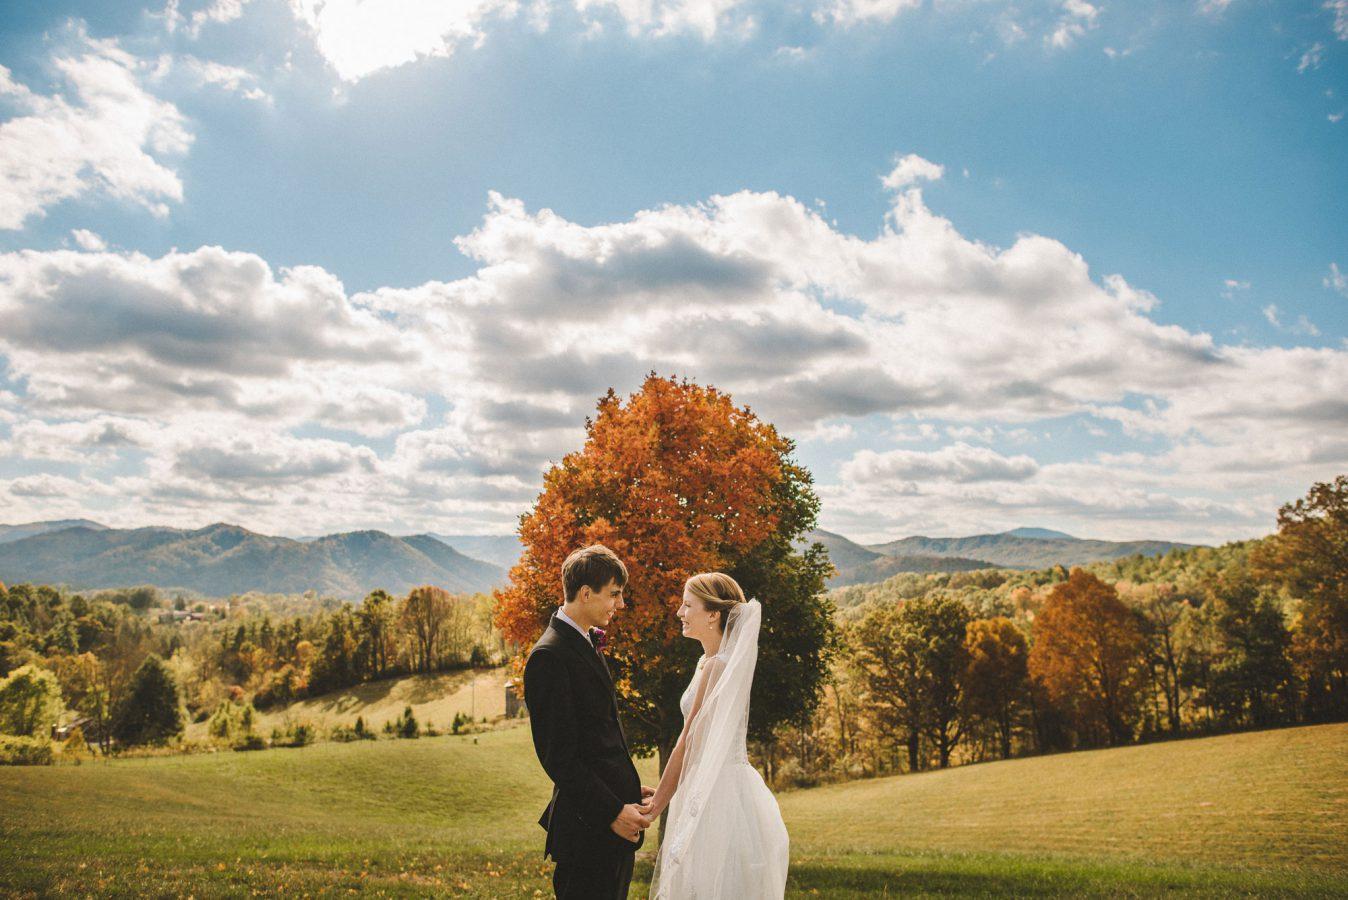 wedding-photography-2016-23